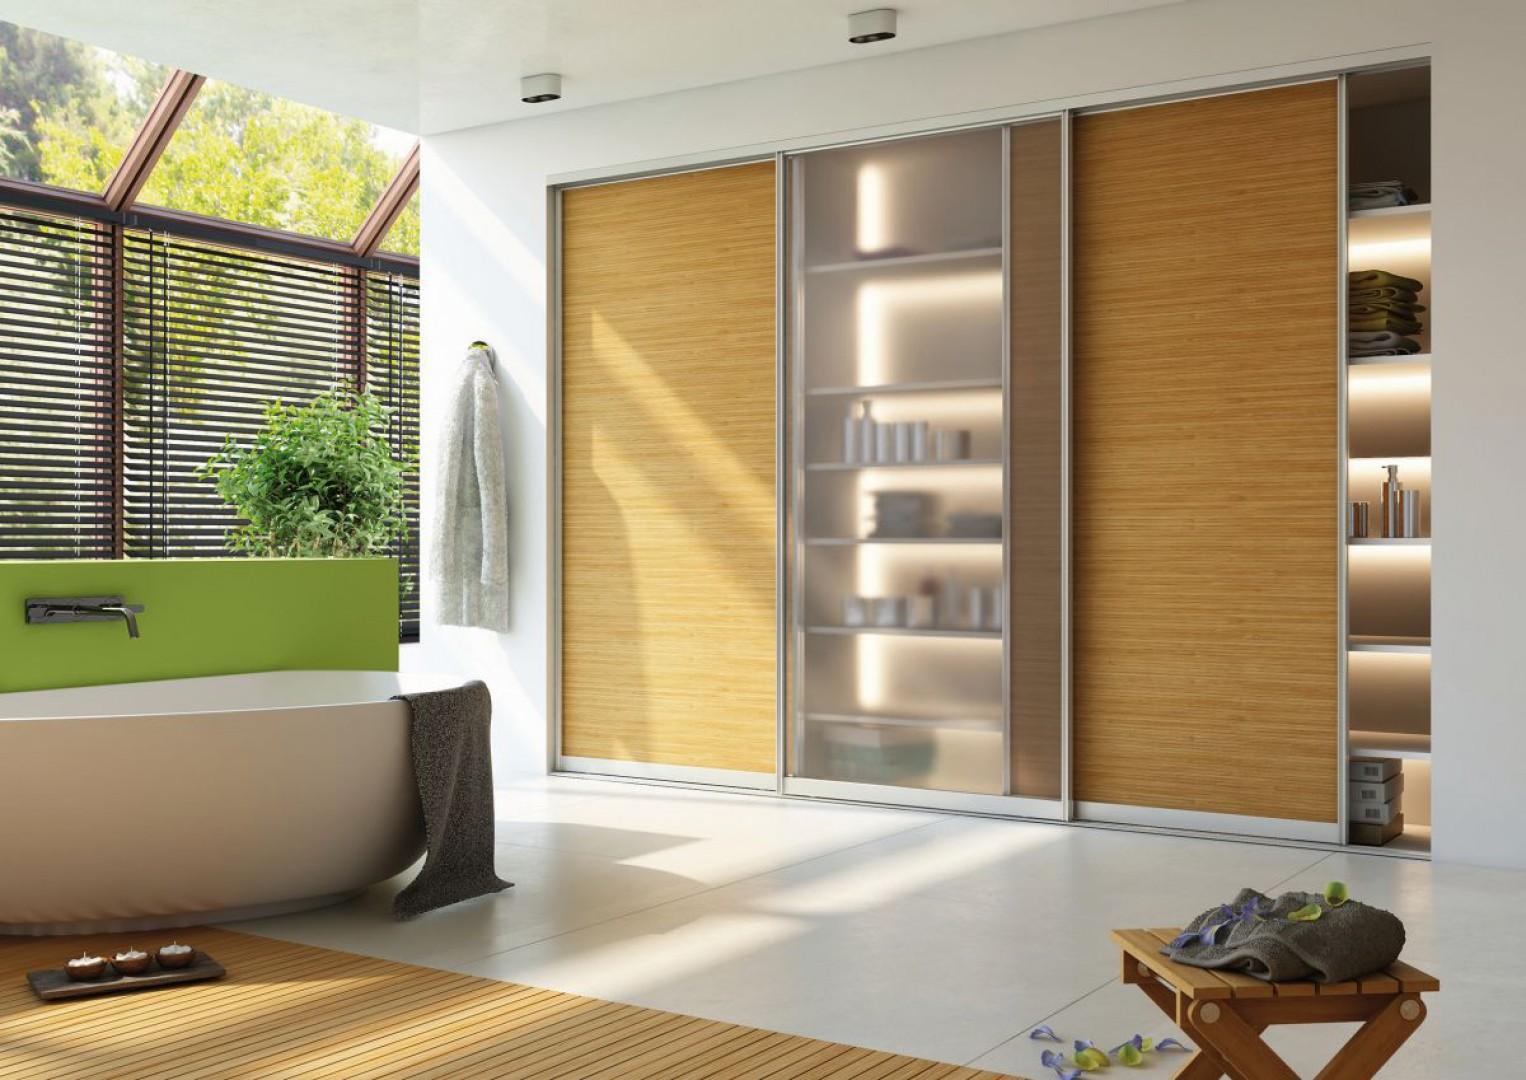 Systemy drzwi przesuwnych mogą być bez większych problemów wykorzystywane także w łazienkach, zarówno o niewielkich powierzchniach, jak i w pokojach kąpielowych. Fot. Sevroll-System